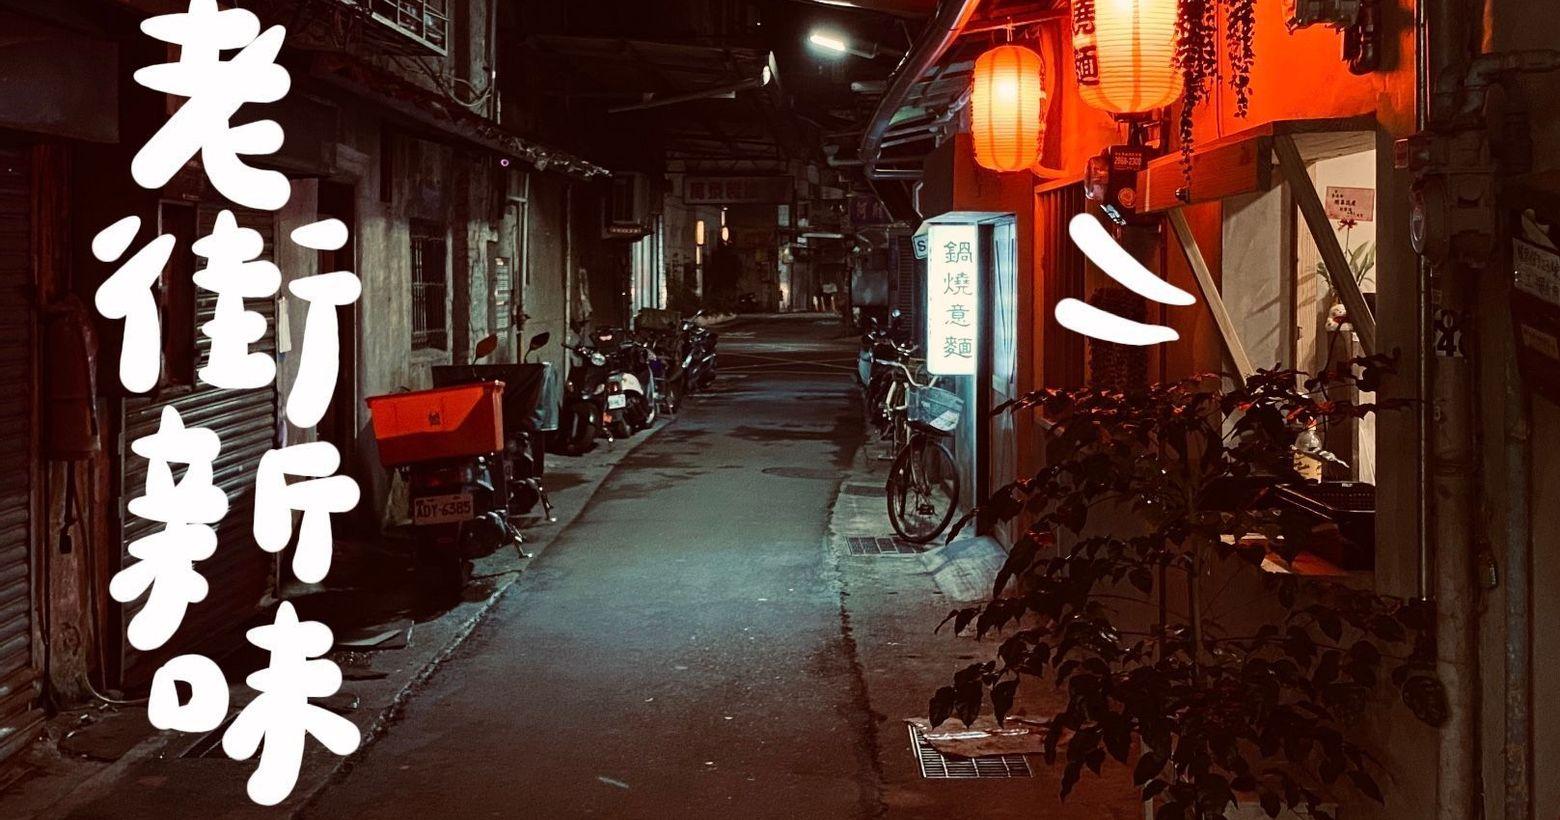 ▪️萬華吃麵▪️西門町小巷藏著超溫暖鍋燒麵◾️鍋燒麵|萬華內江街◾️或許第一眼踏入內江街